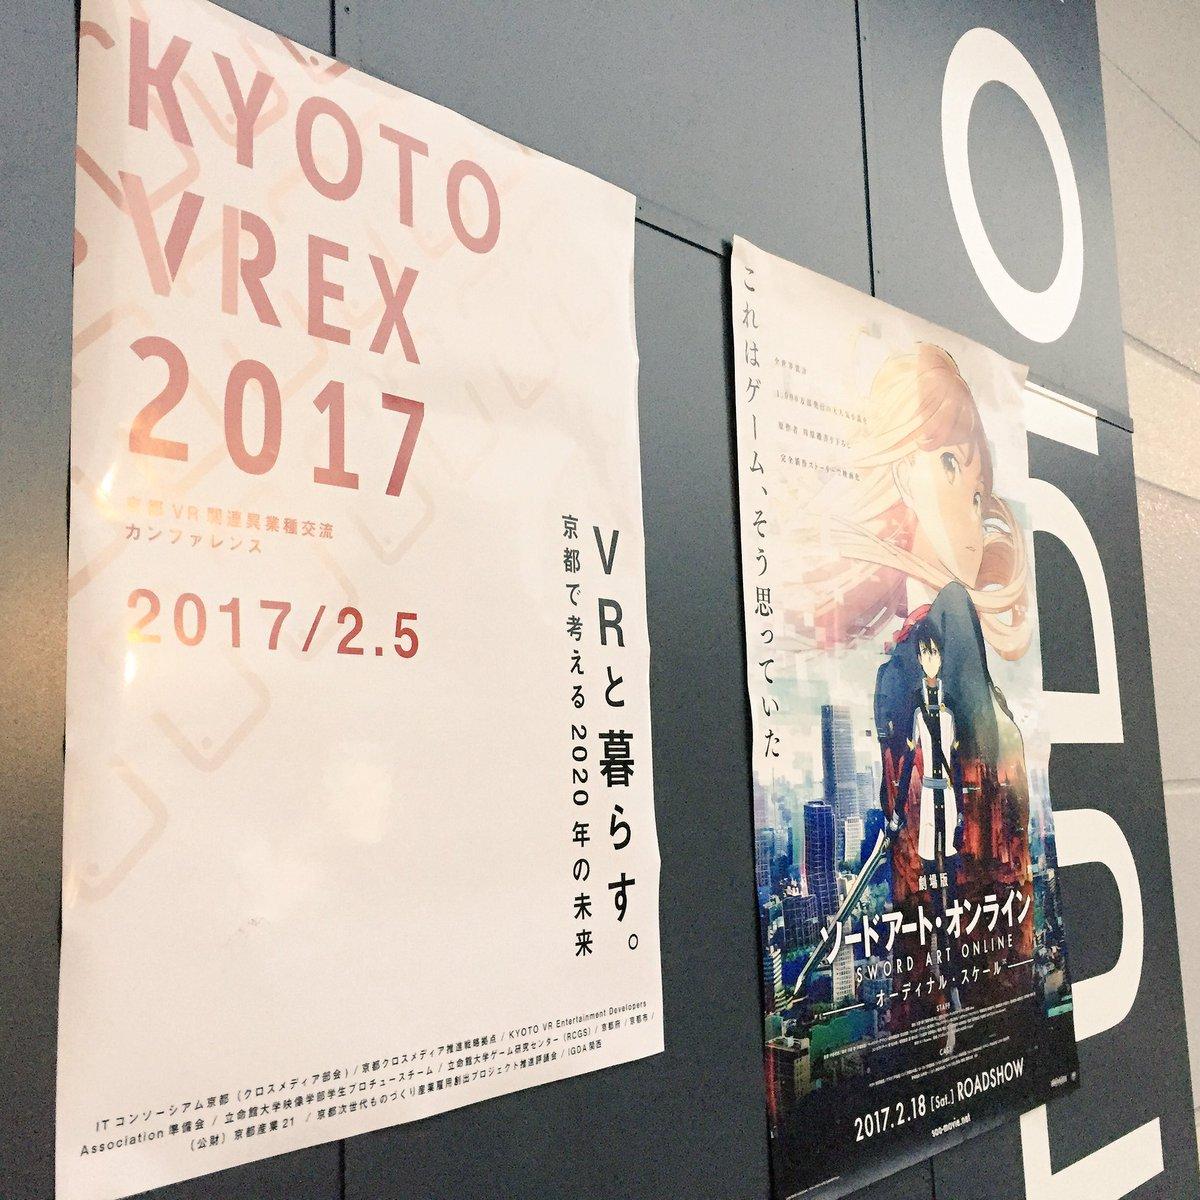 京都・立命館大学松竹スタジオにて開催「SAO×KYOTO VREXコラボイベント」会場内では、《オー…